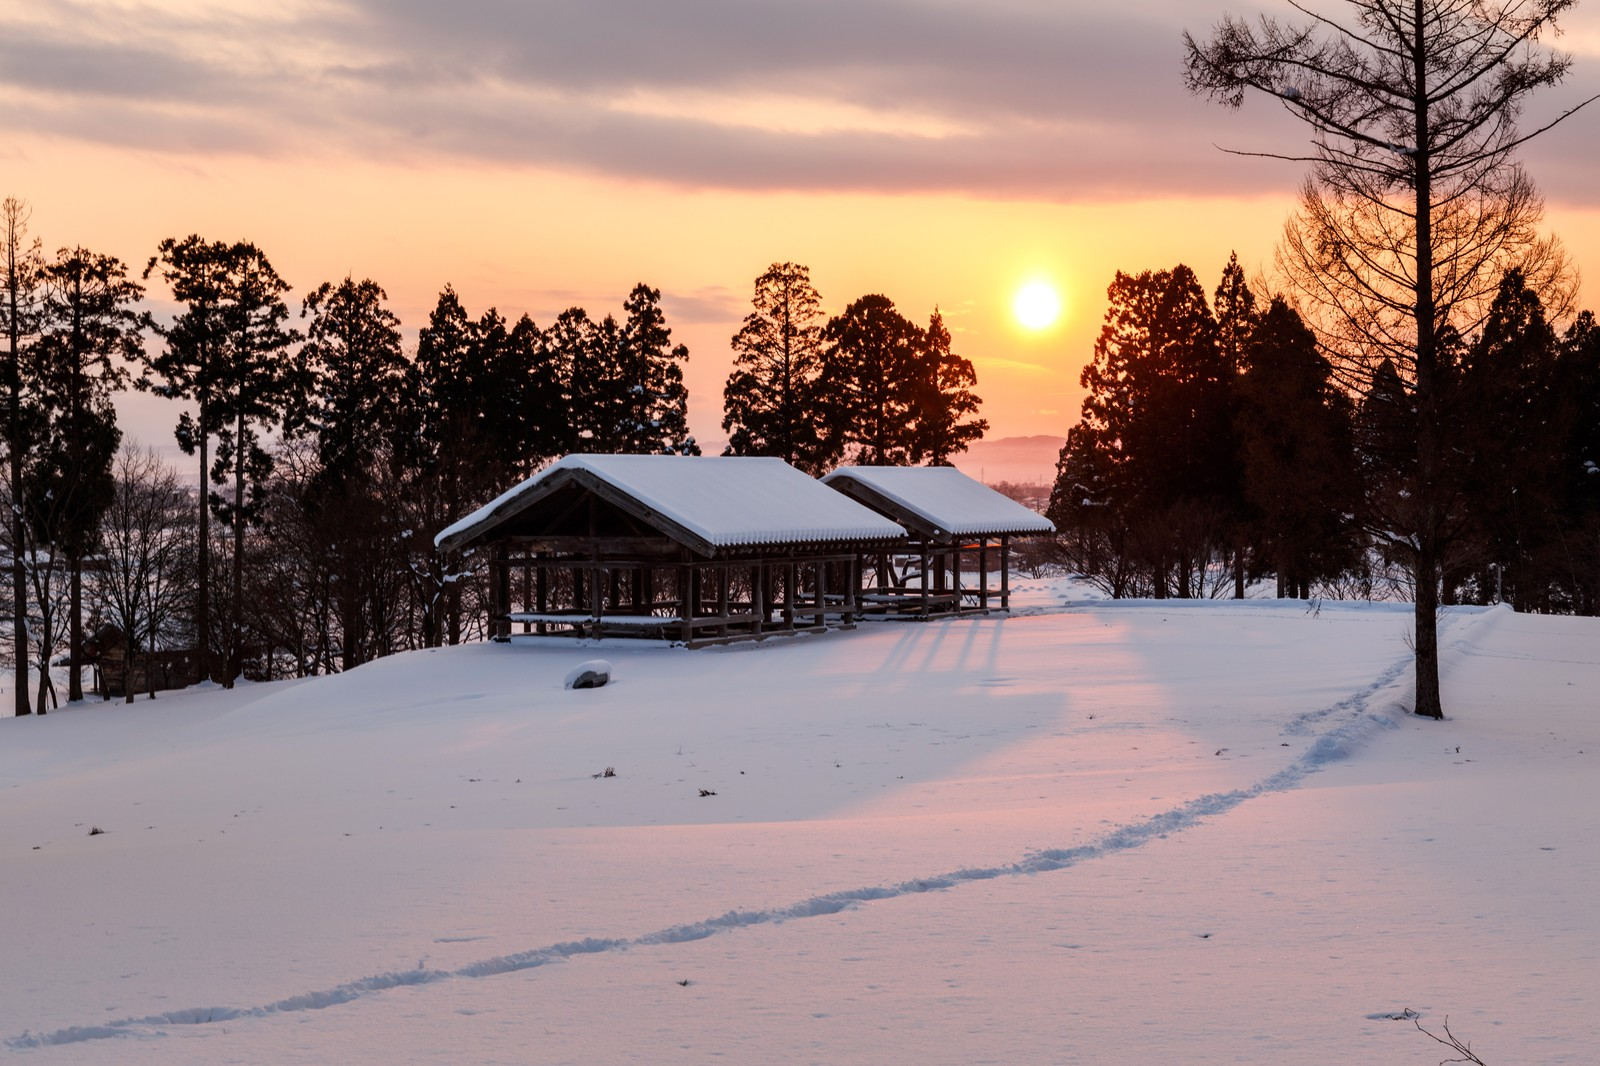 「雪国の日没」の写真